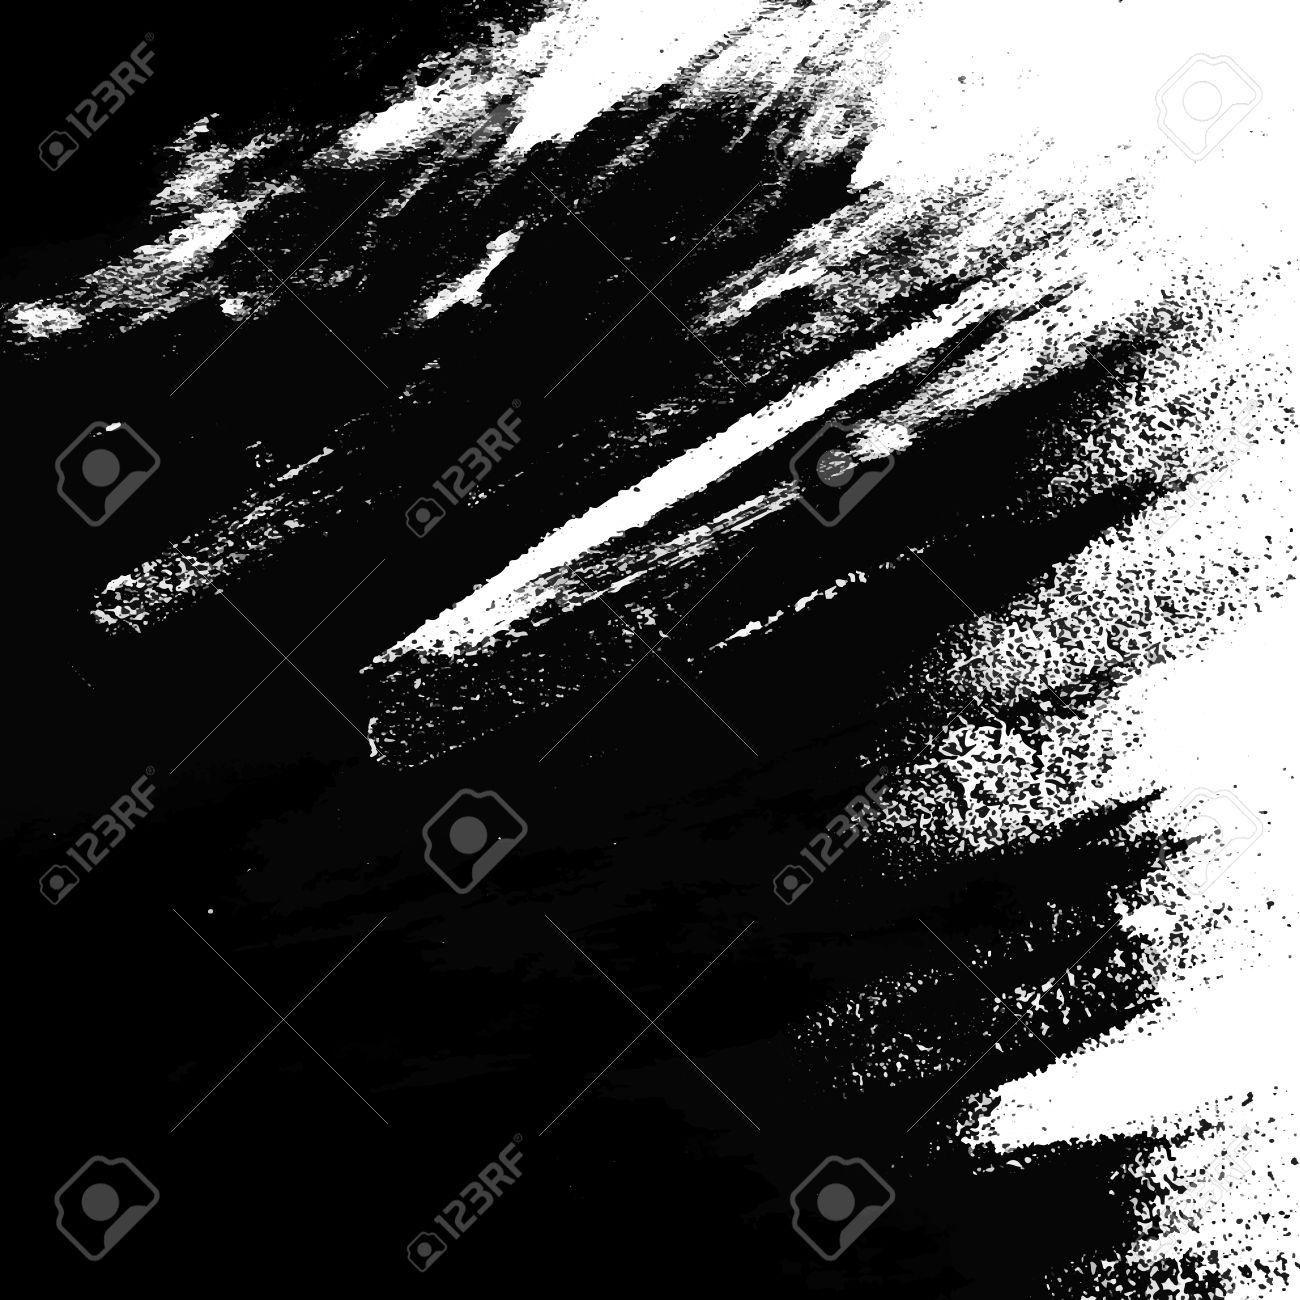 Vector Textura Artística Fondo De La Pintura En Blanco Y Negro